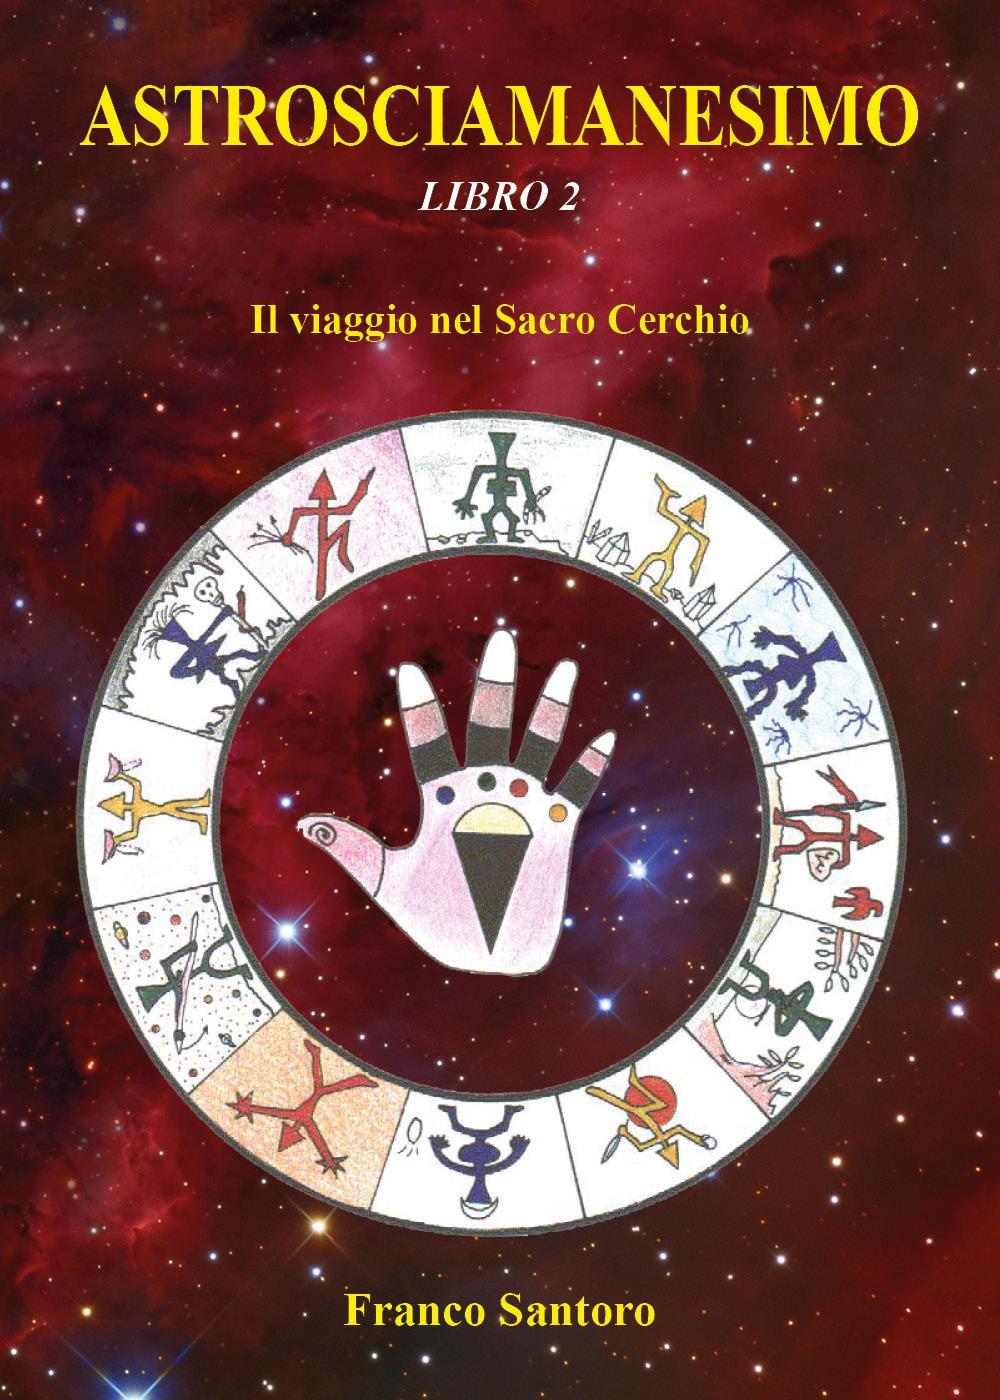 ASTROSCIAMANESIMO. Il viaggio nel Sacro Cerchio. Libro Due.